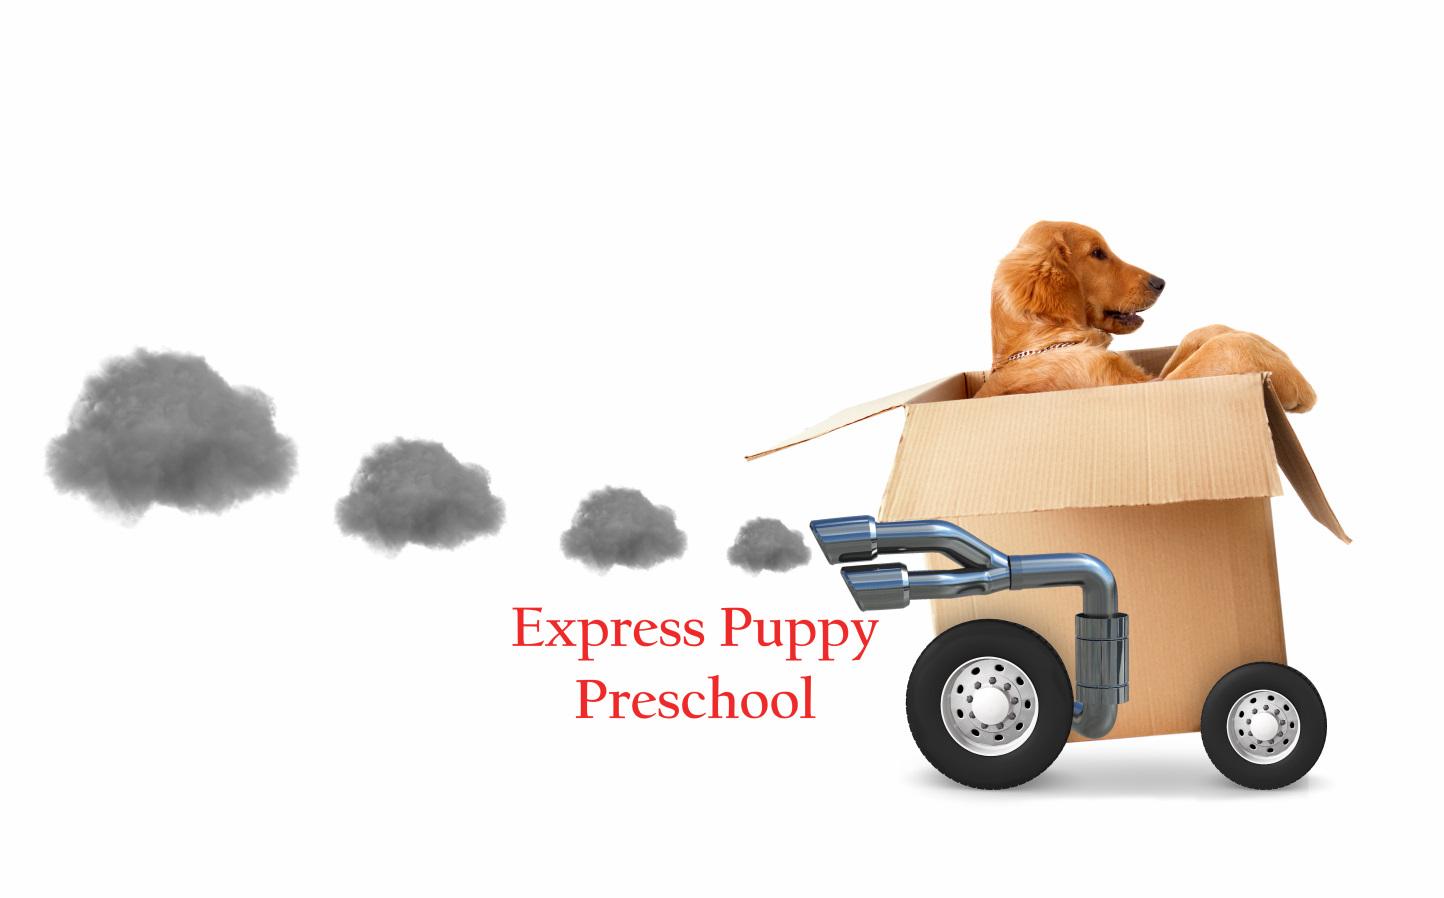 express puppy preschool